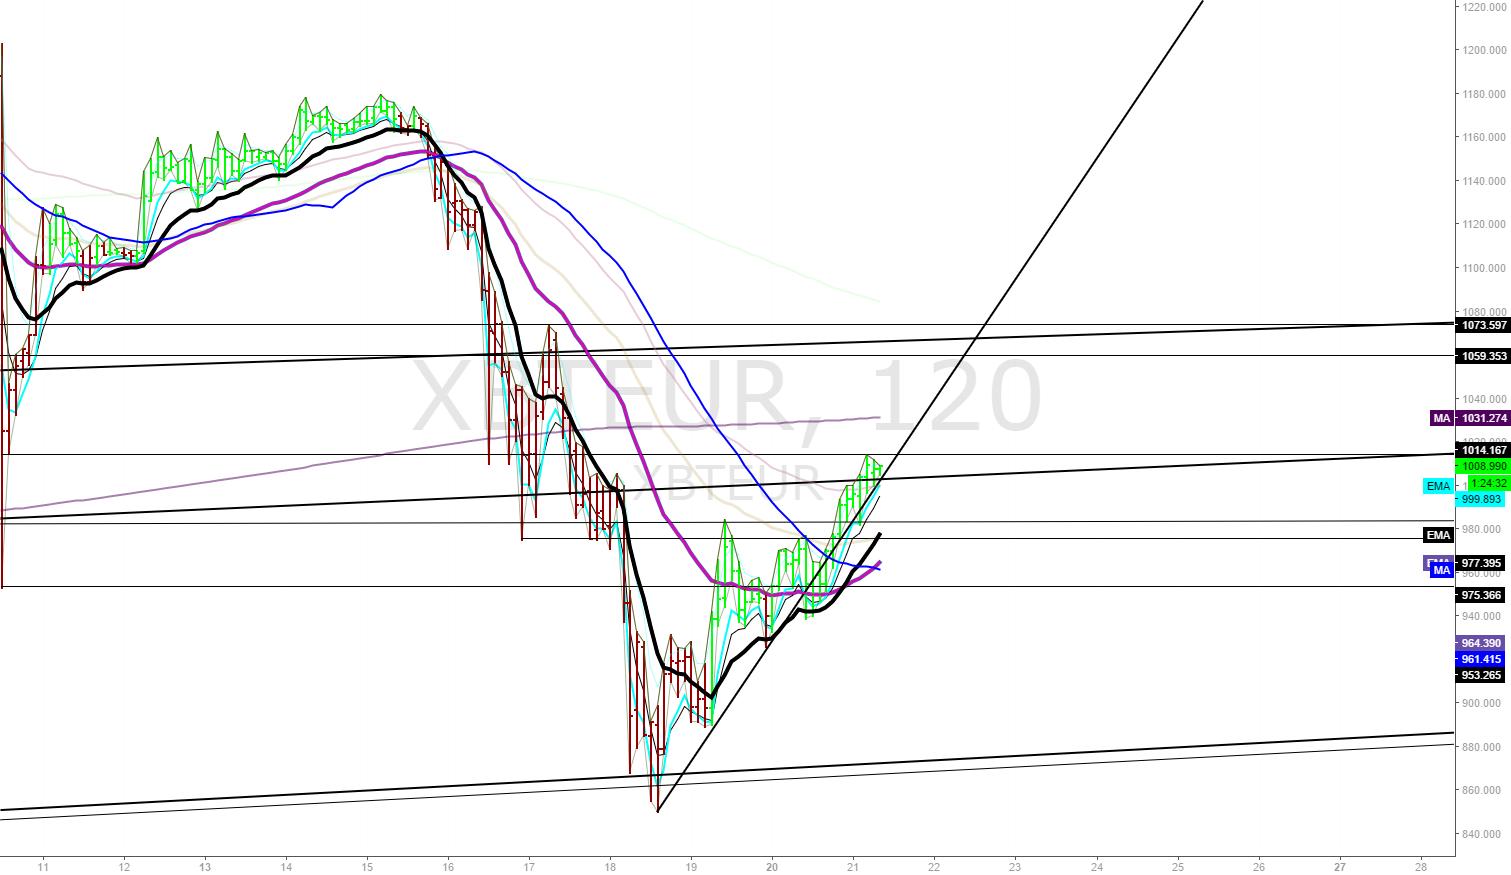 2hr EURBTC Chart